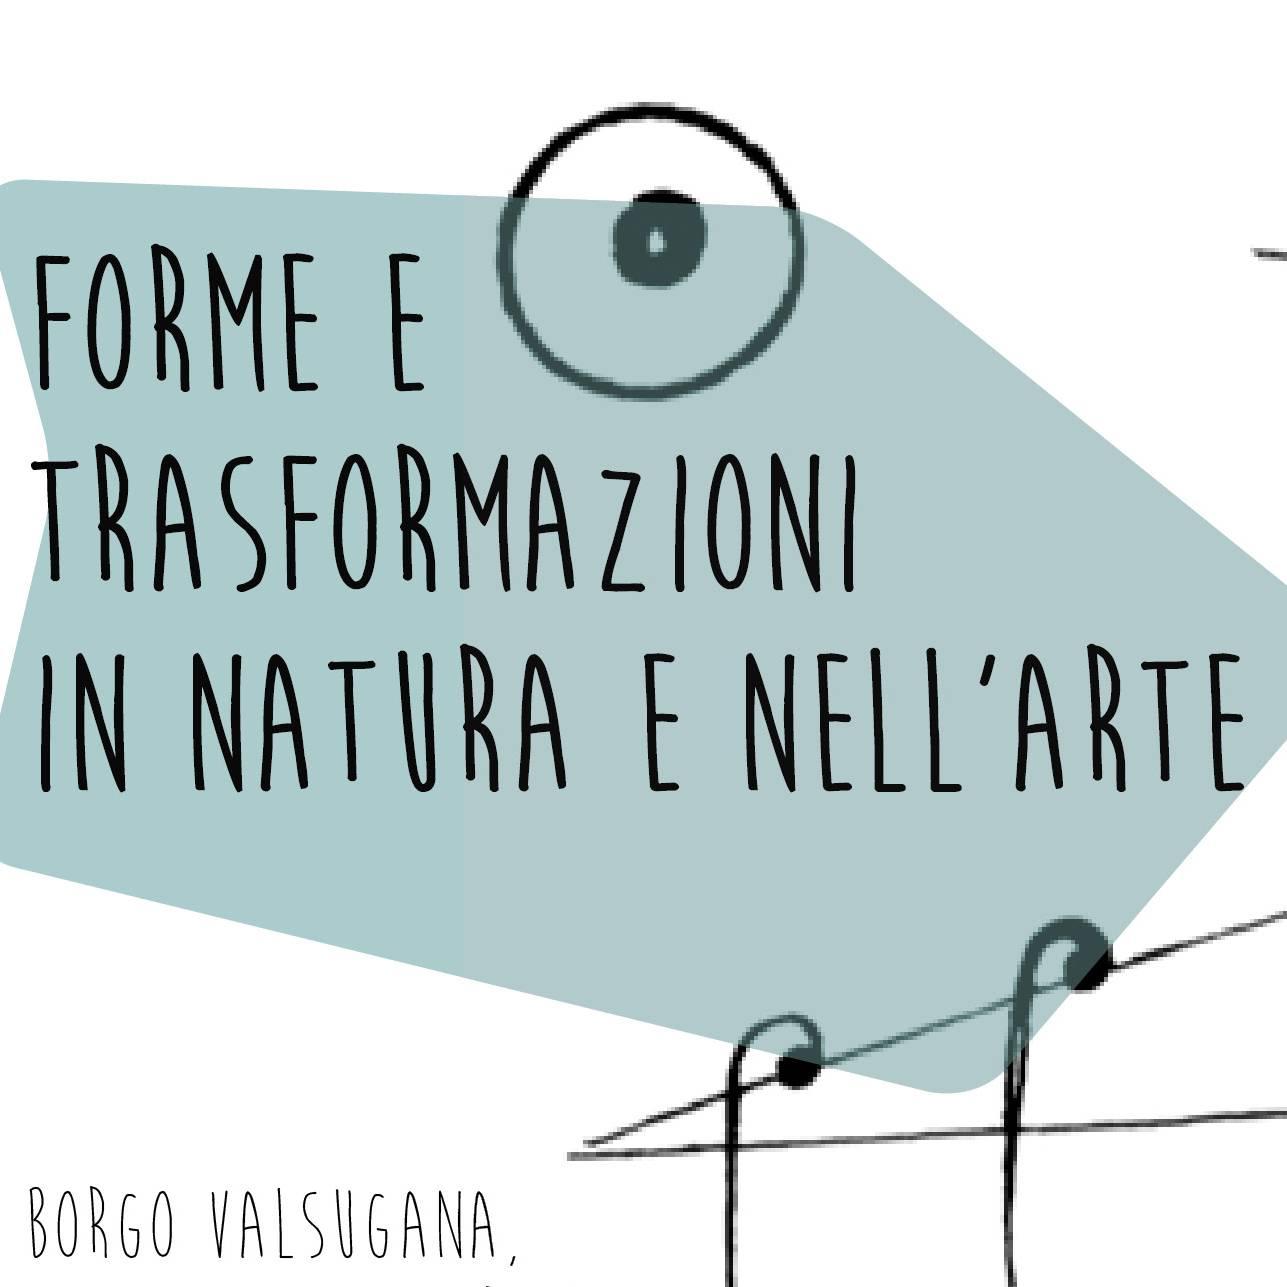 Borgo Valsugana: Forme e trasformazioni in natura e nell'arte